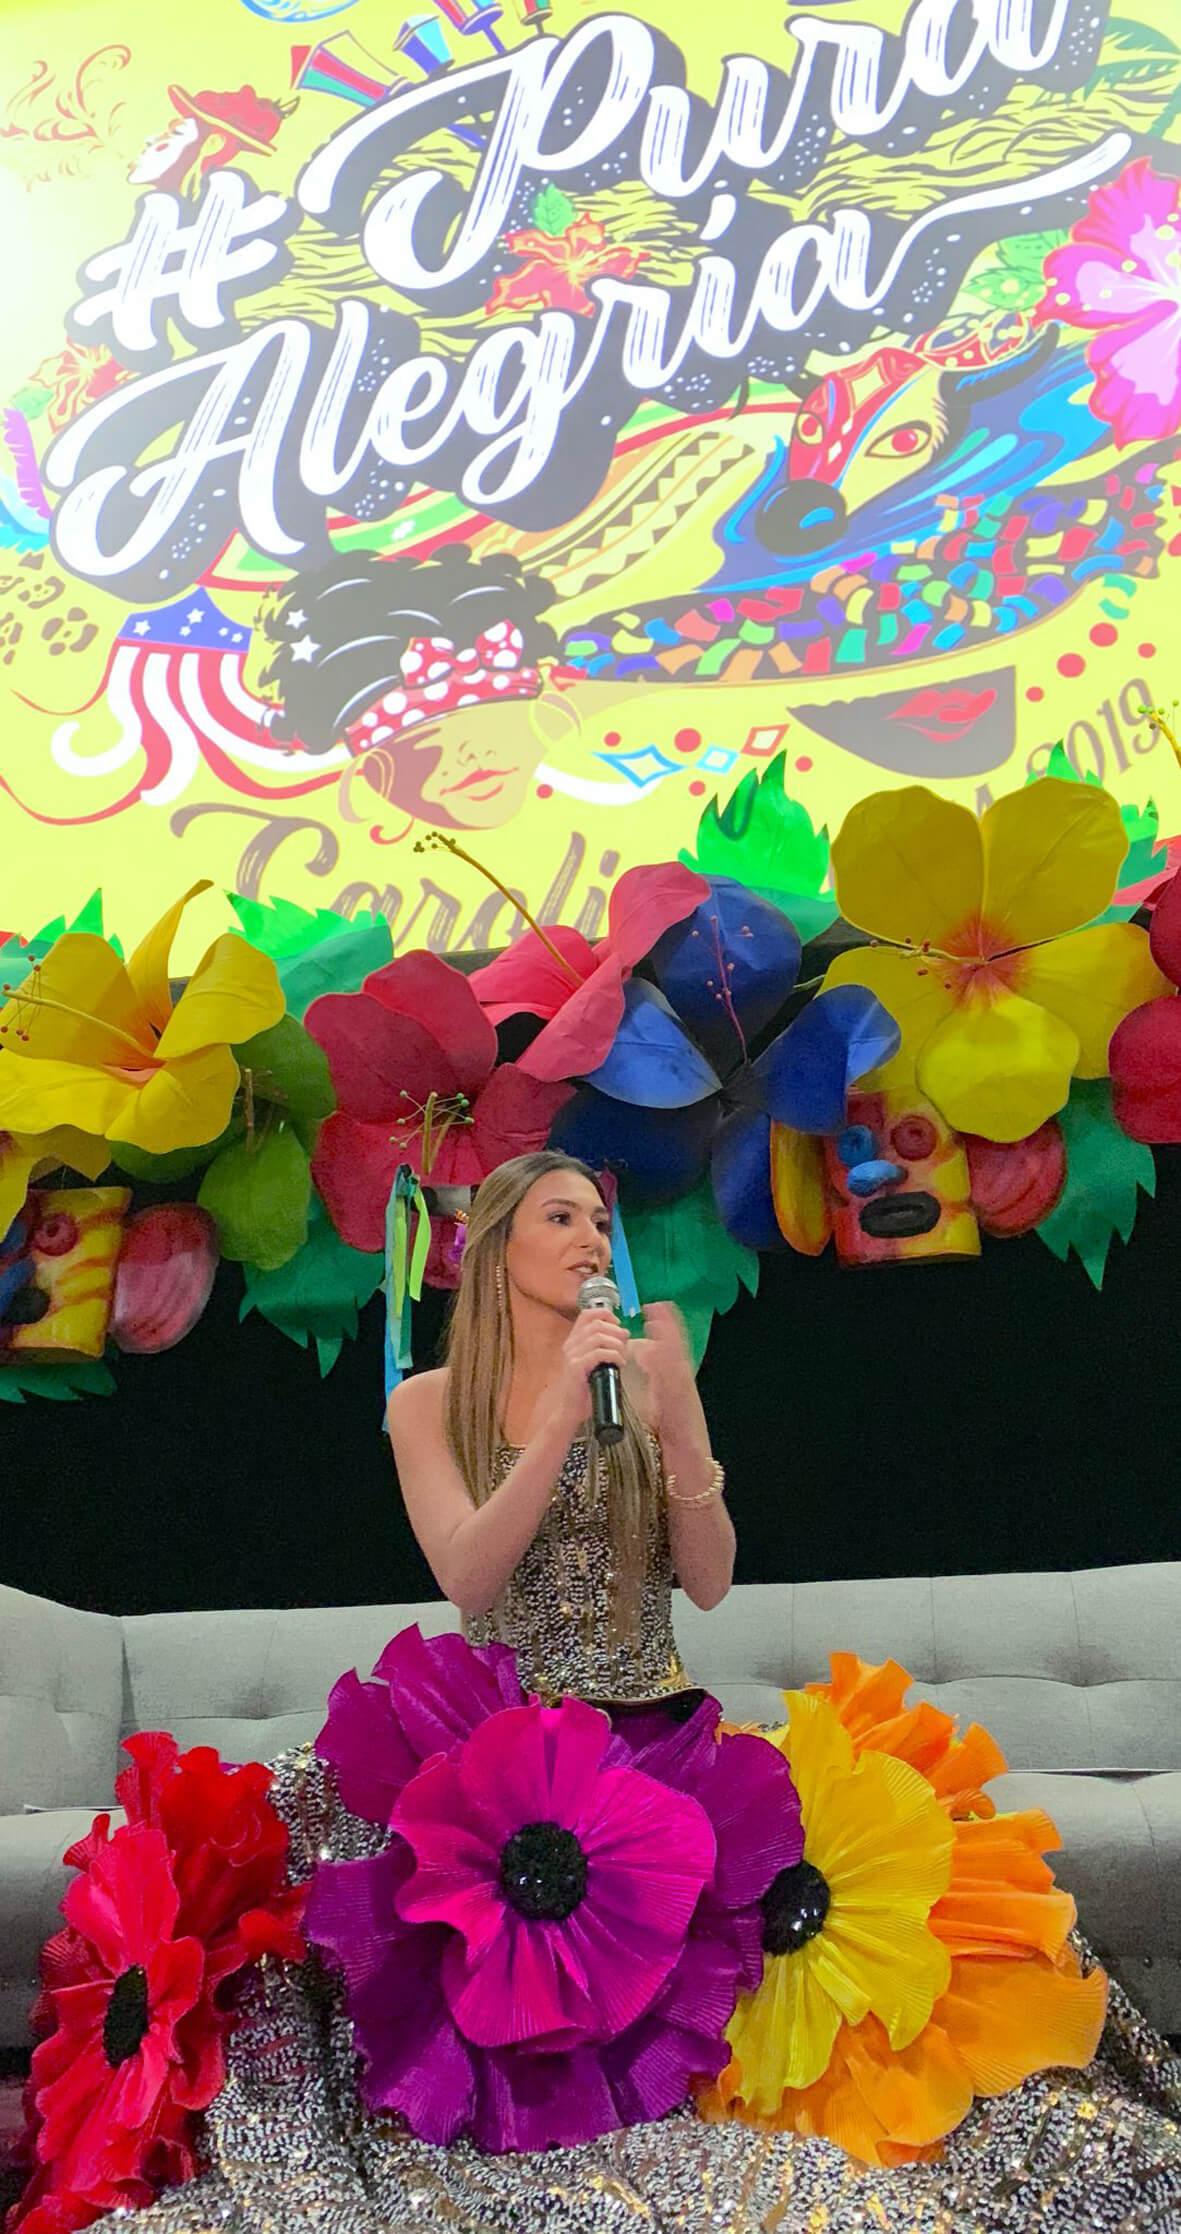 Con 'Pura Alegría', la Reina Carolina pondrá a bailar a todo el mundo en el Carnaval 2019